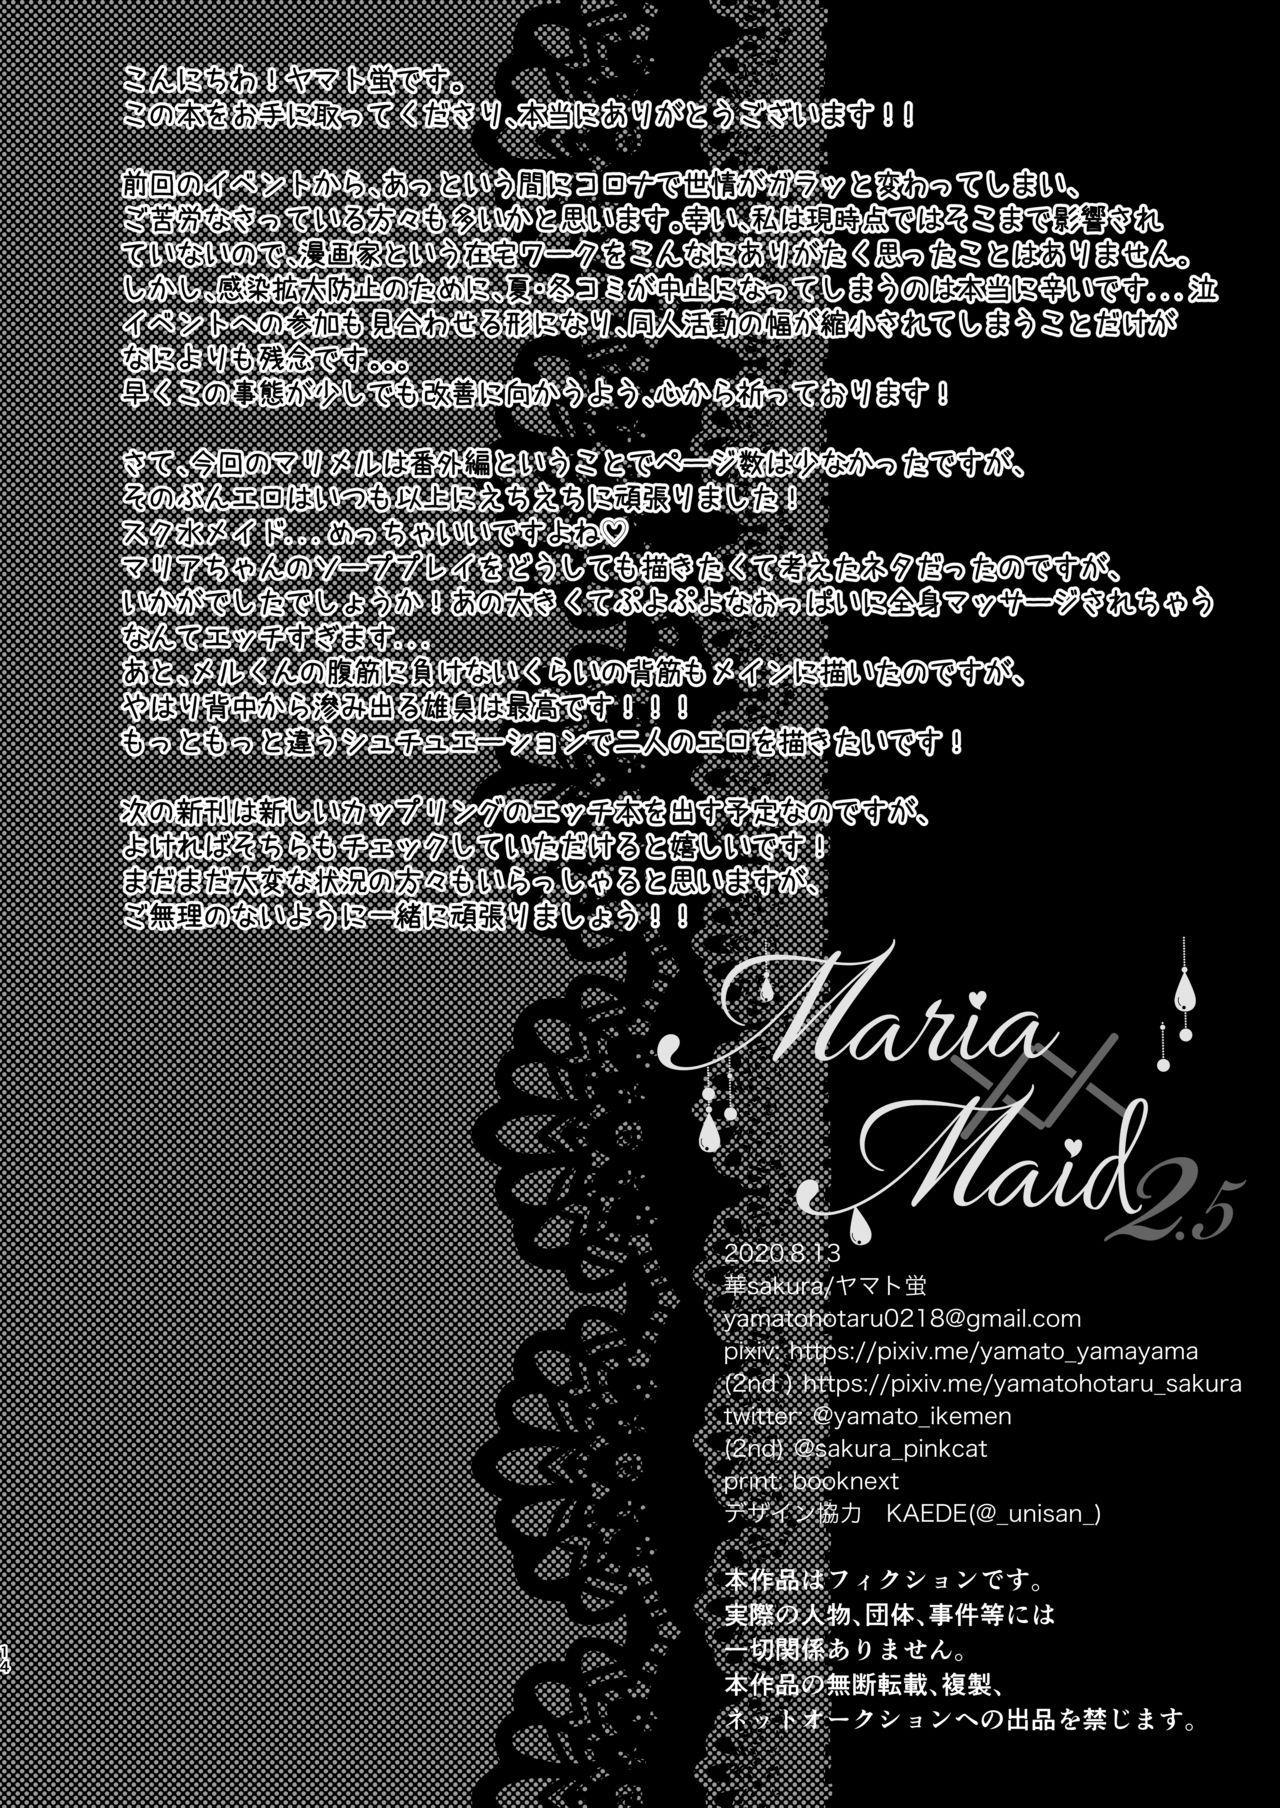 Maria xx Maid 2.5 13